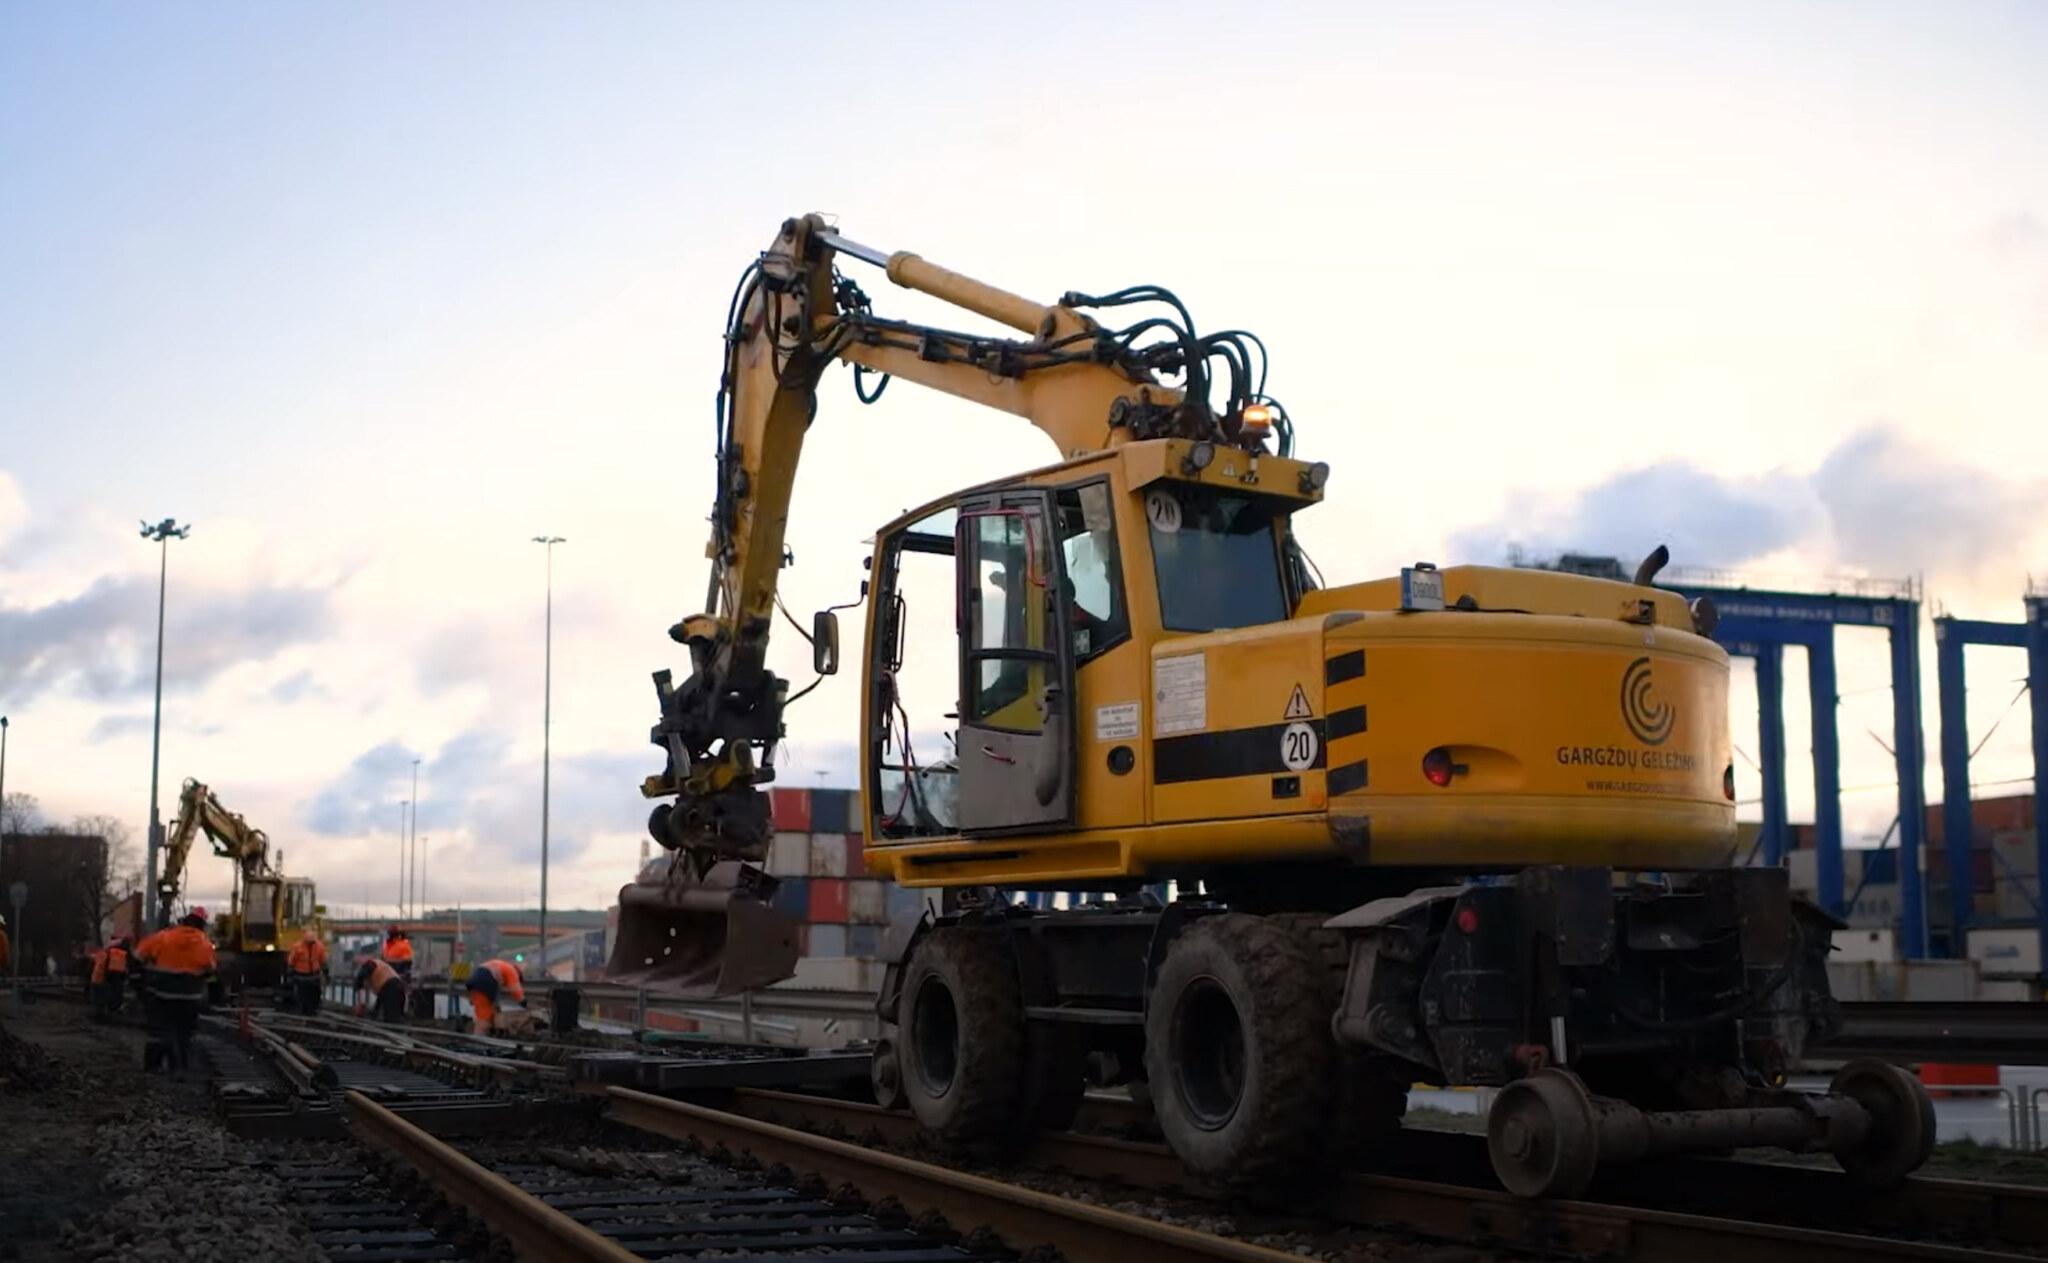 GG Rail - geležinkelio kelių ir infrastruktūros remontas | Fotopolis.lt